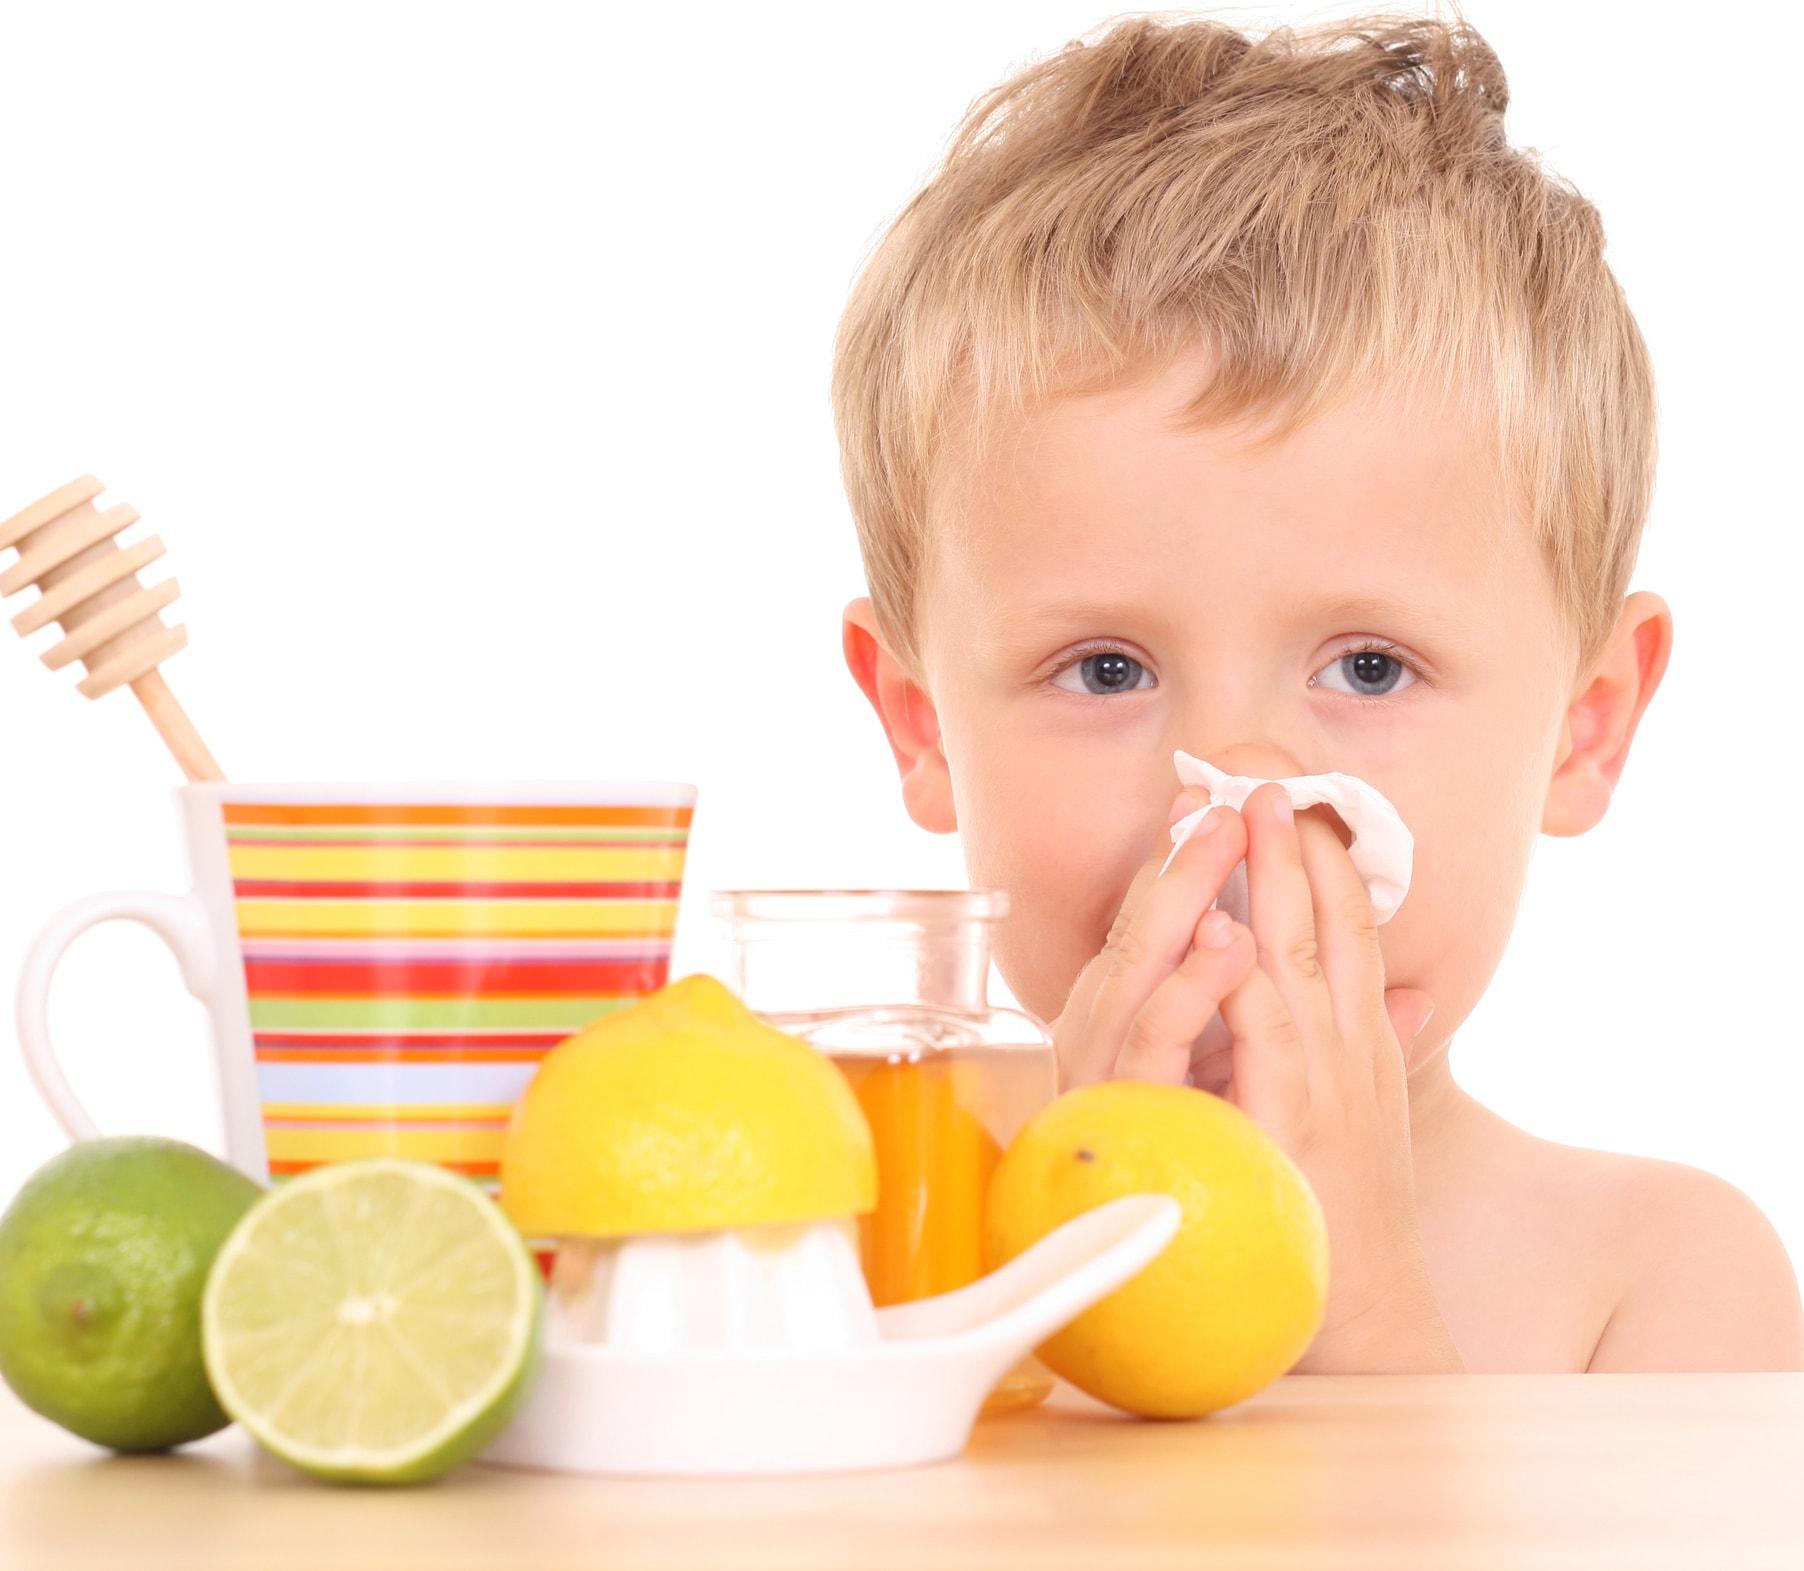 Народные средства от гриппа и простуды у детей в домашних условиях